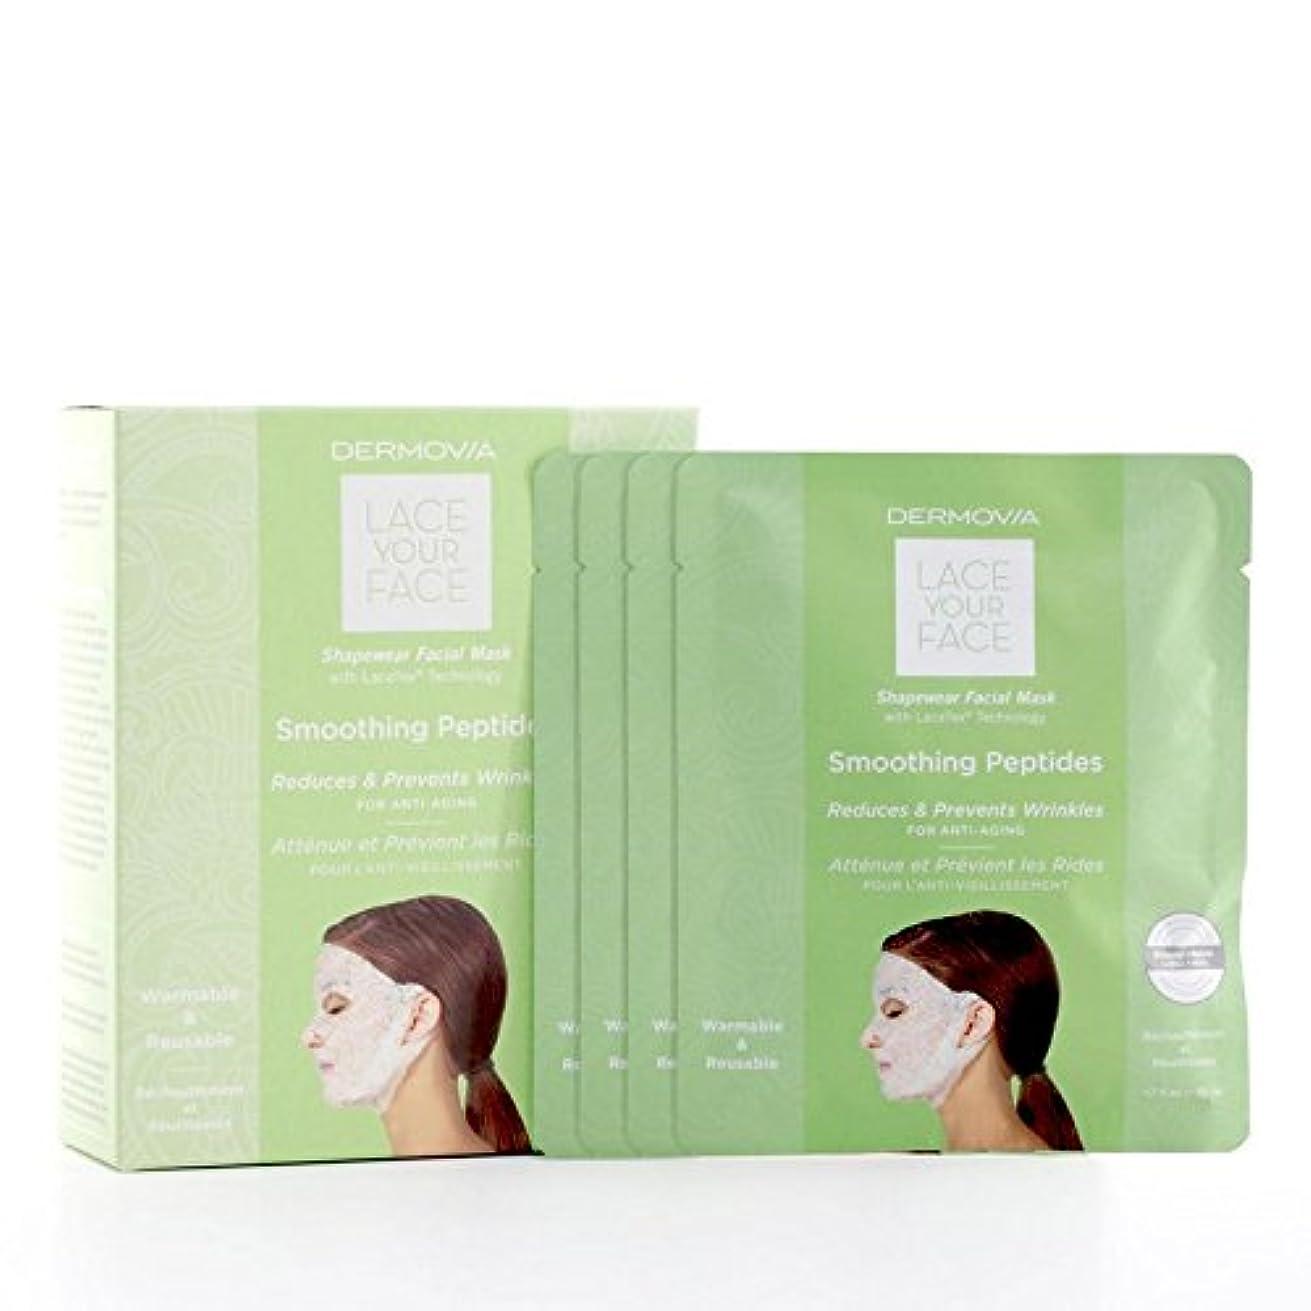 ヒゲ比較的内部Dermovia Lace Your Face Compression Facial Mask Smoothing Peptides (Pack of 6) - は、あなたの顔の圧縮フェイシャルマスク平滑化ペプチドをひもで...